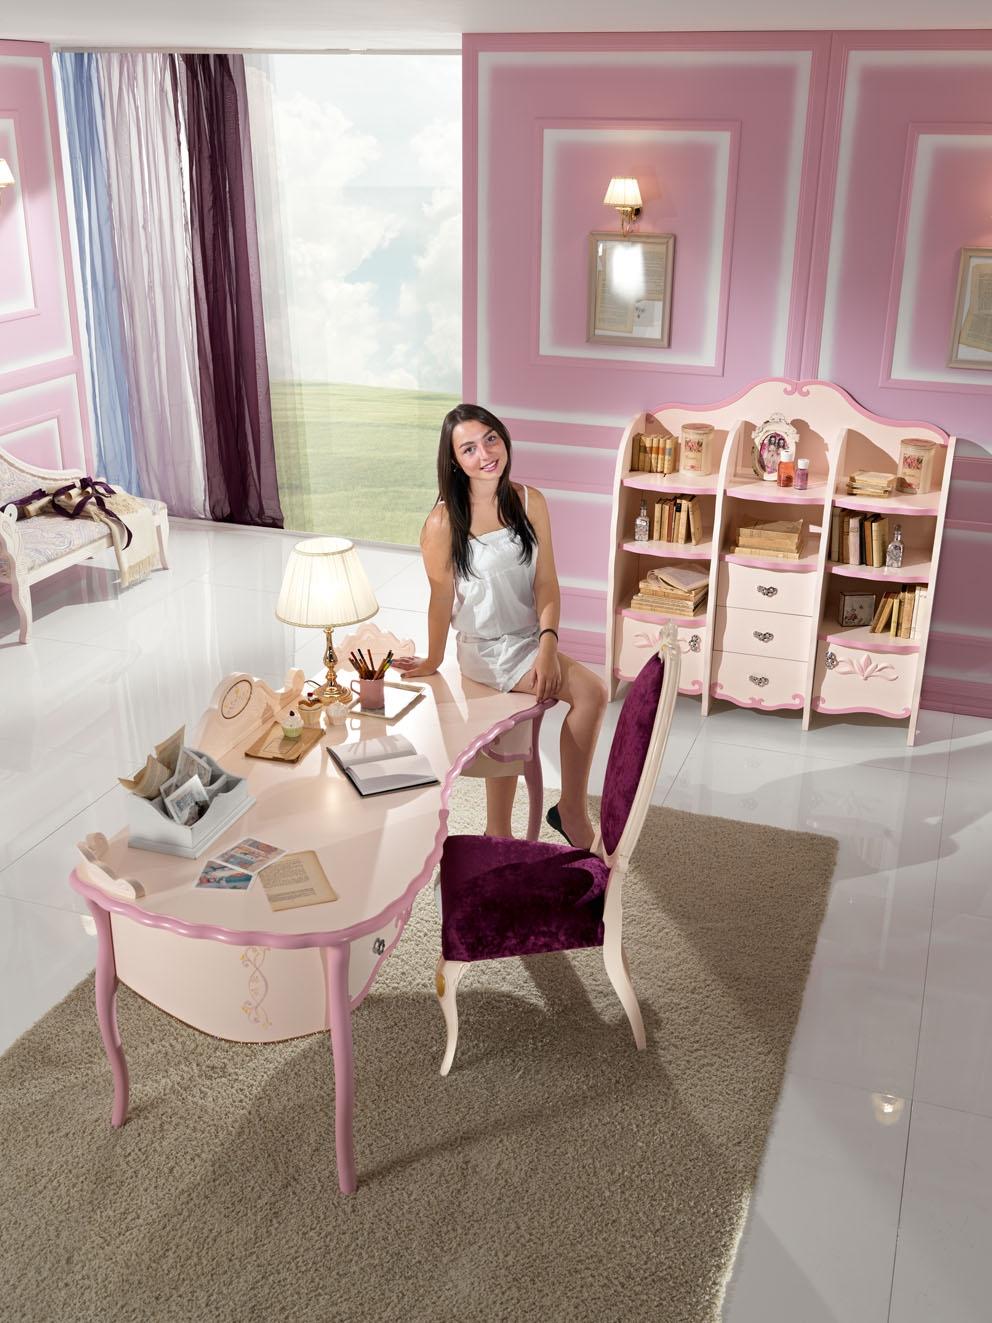 婚纱影楼装修最终装饰效果造型优雅,室内空间装饰结构线条